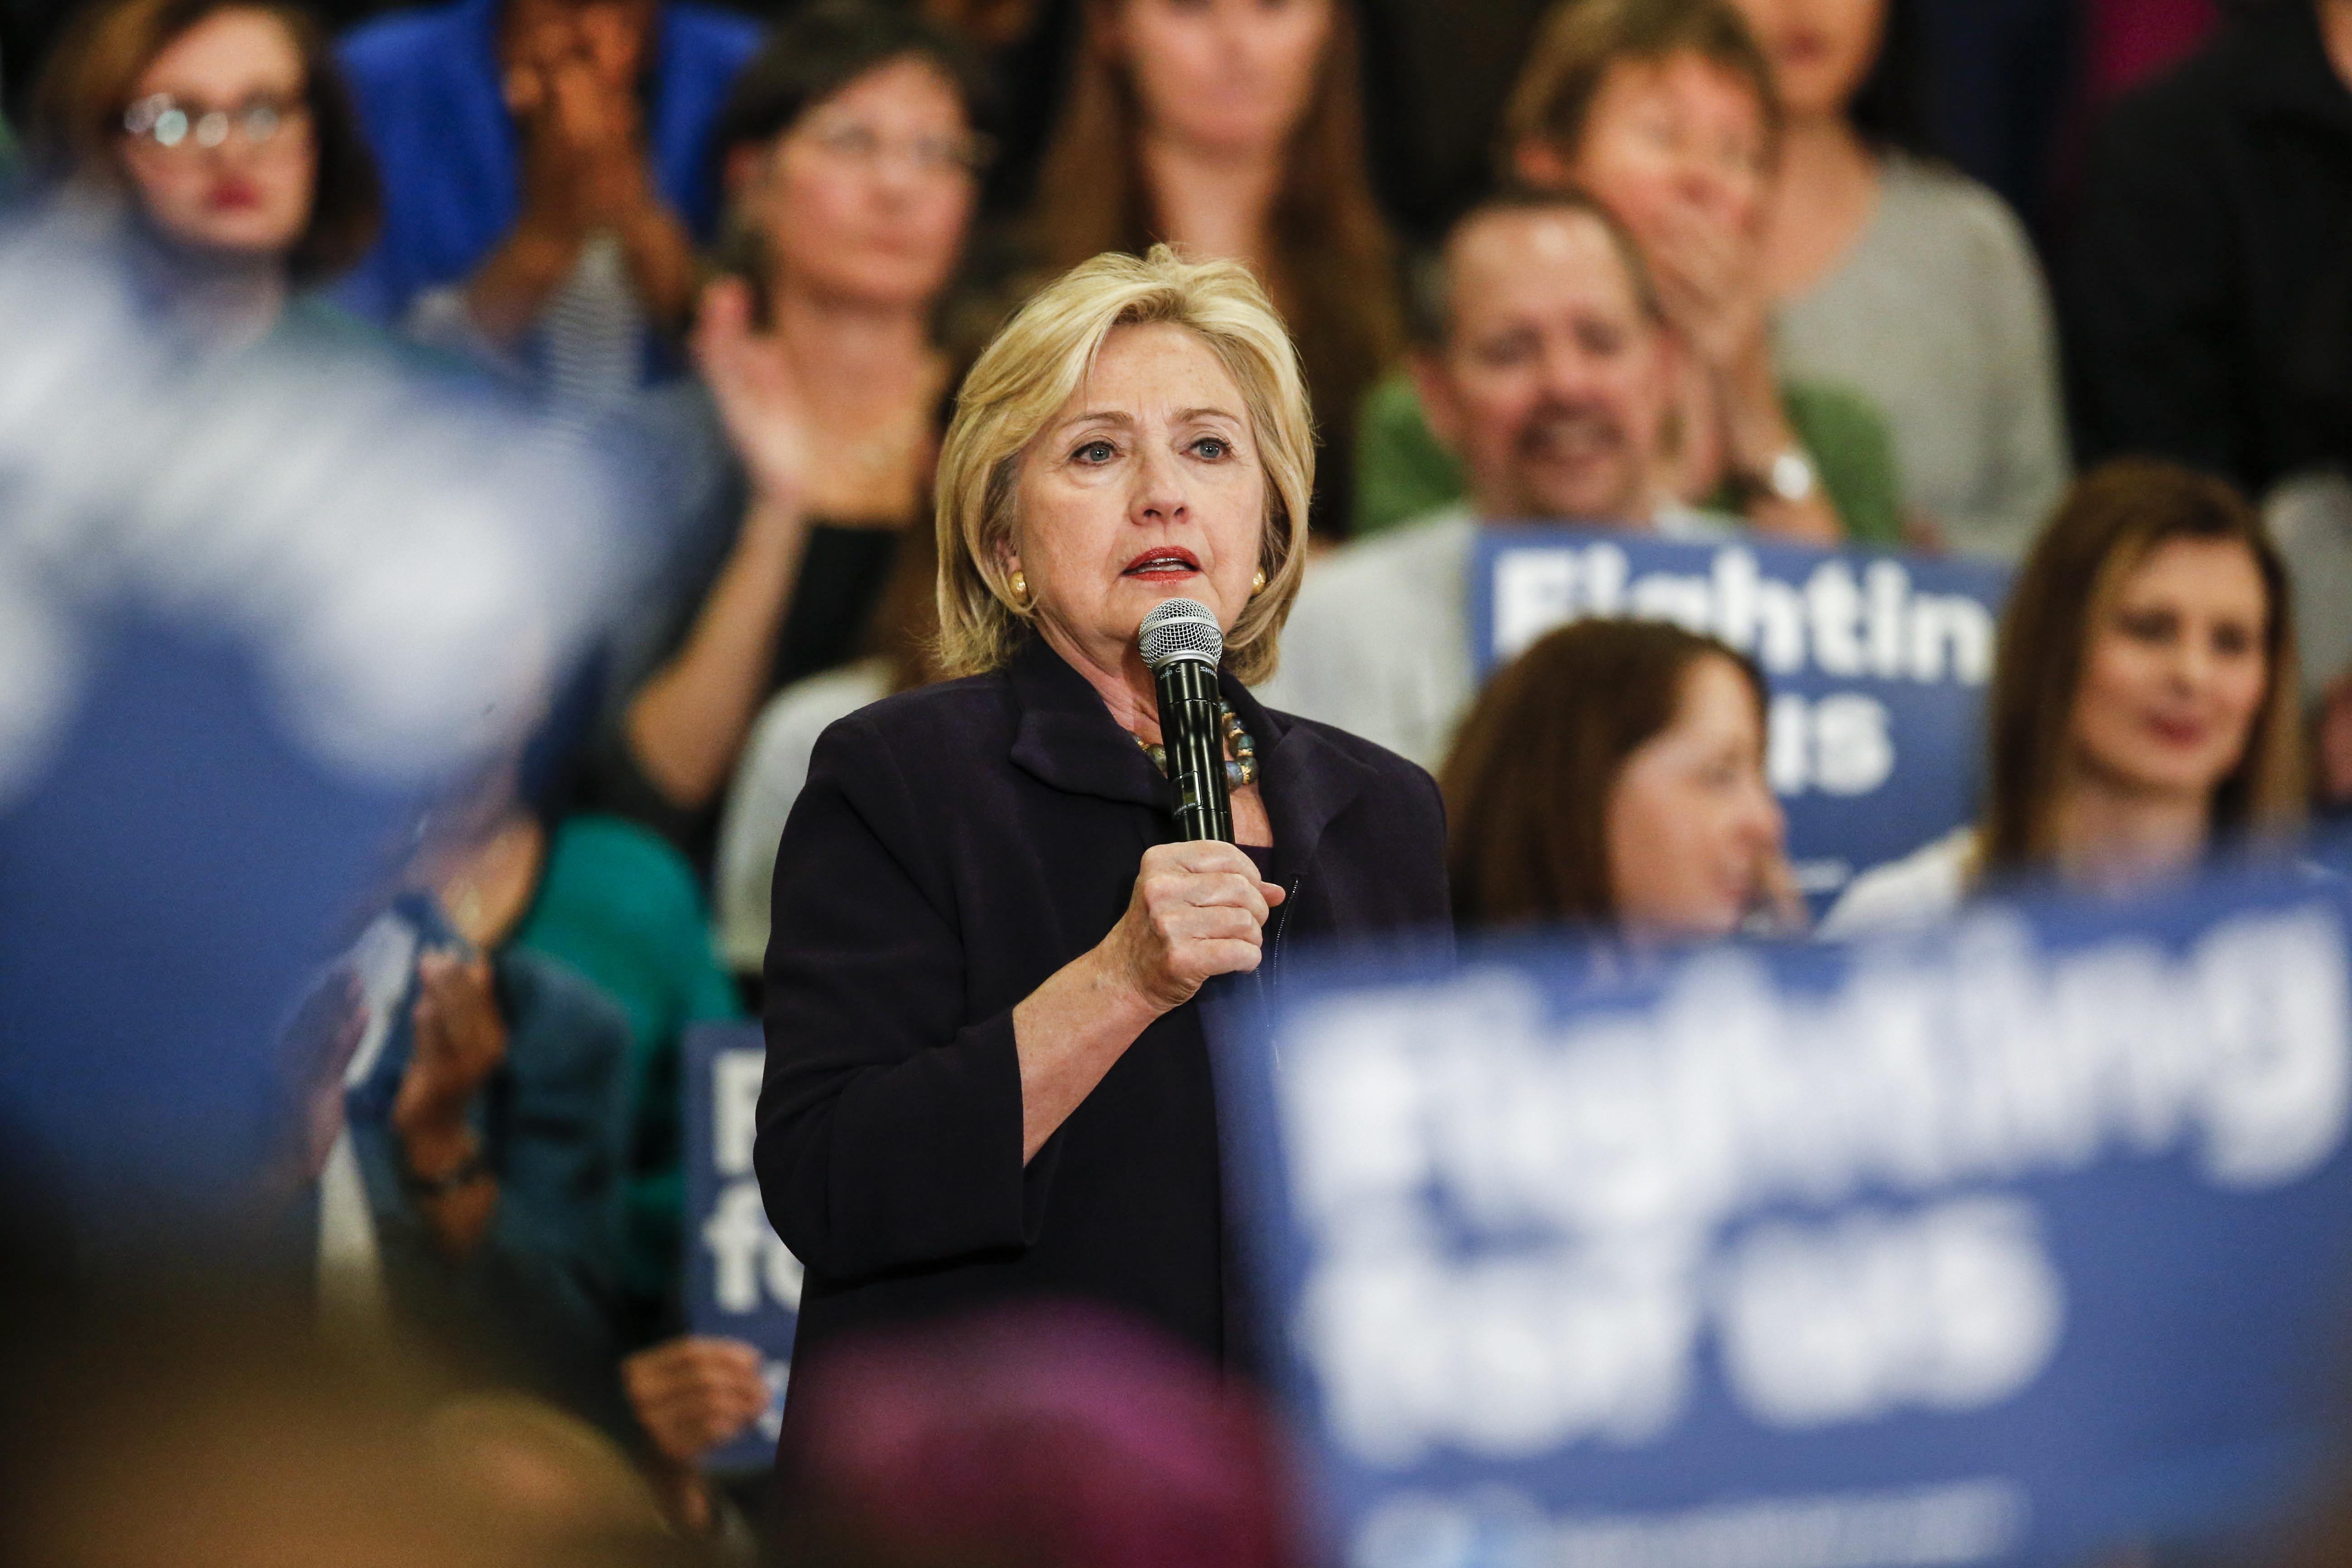 Photo: Hillary Clinton in Denver Nov 2015 (AP Photo)